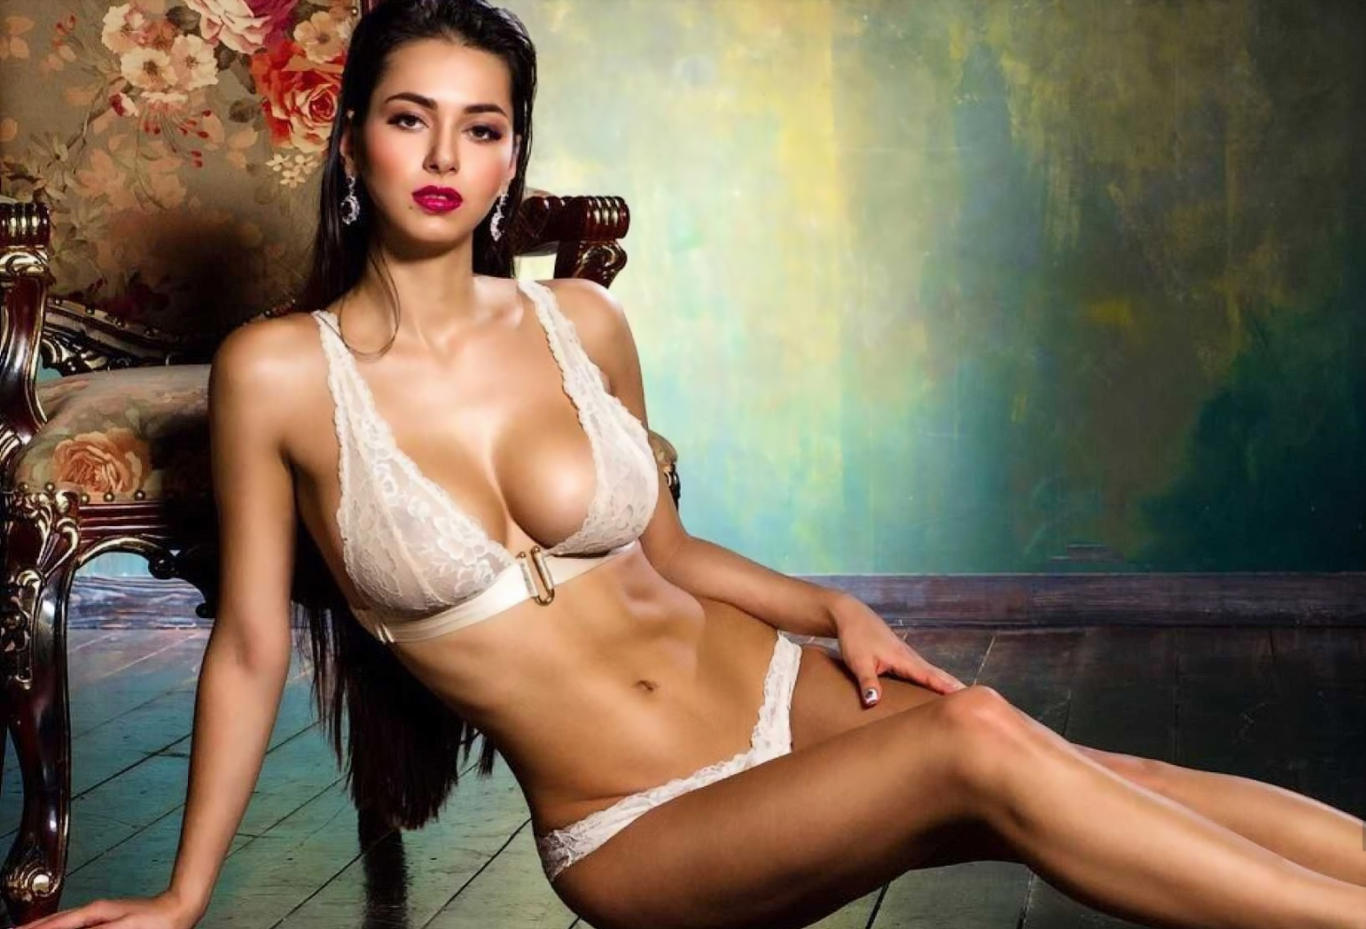 Helga Model Super Hot Wallpaper